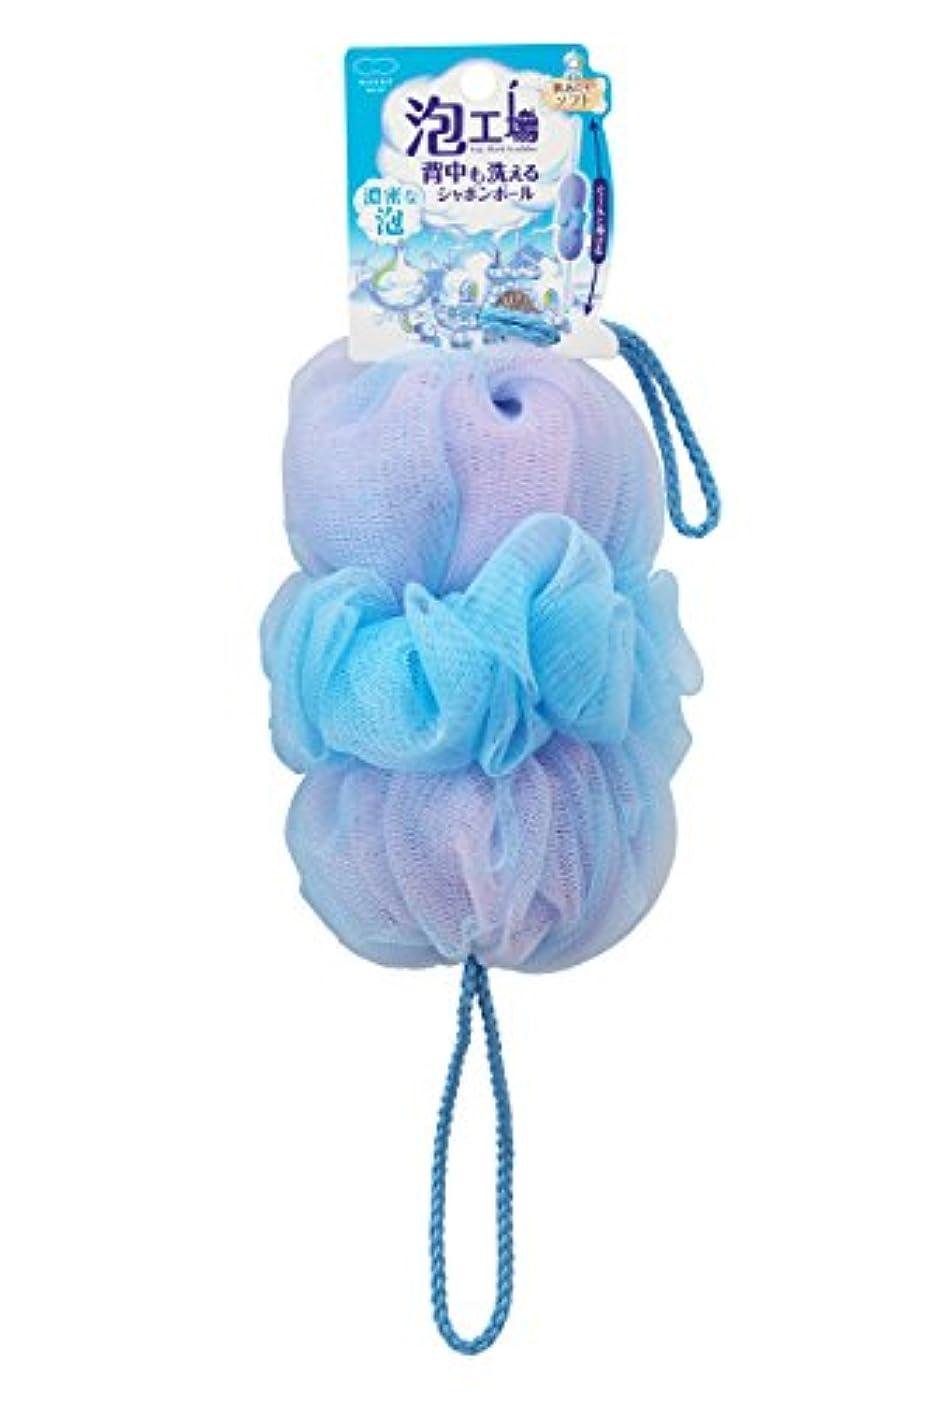 薄暗い若者政権マーナ(MARNA) 泡工場 背中も洗えるシャボンボール ブルー